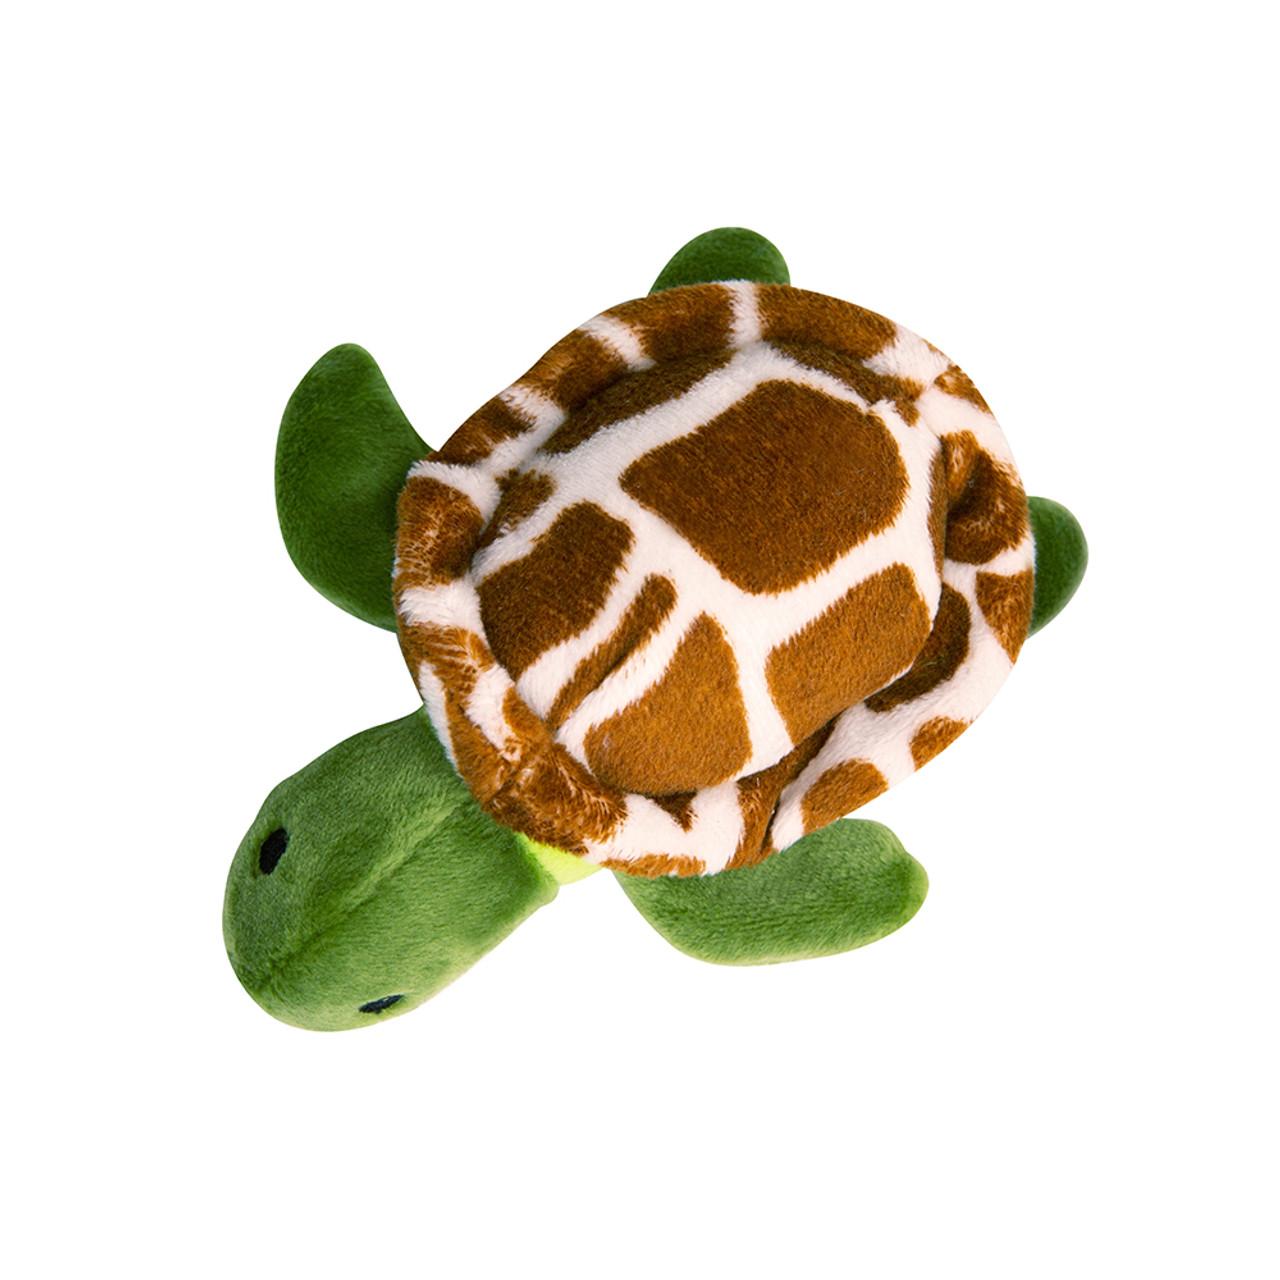 Snugarooz Baby Shelldon Plush Dog Toy